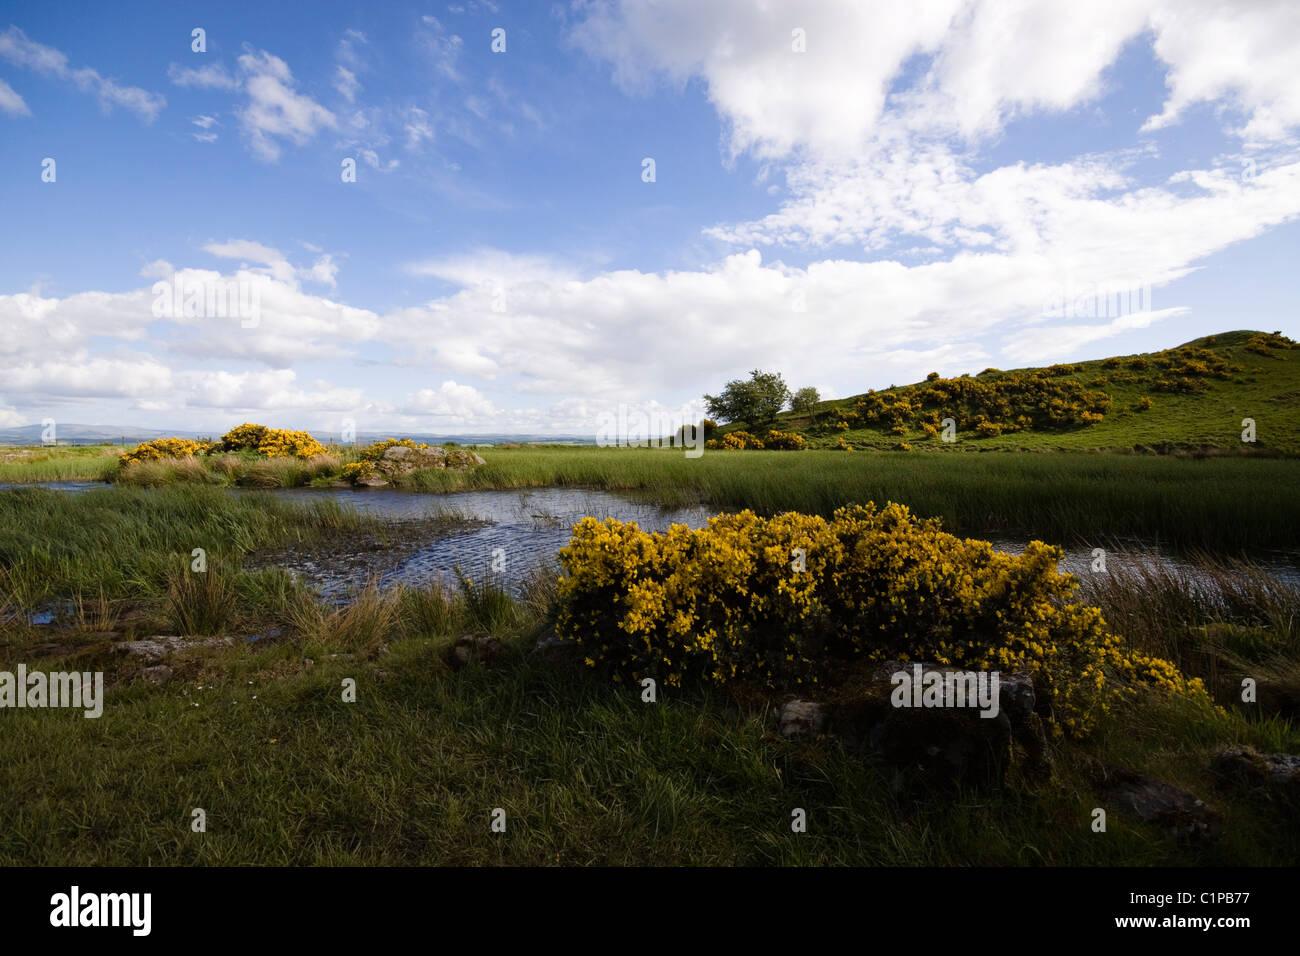 Schottland, Smailholm, Ginster wächst in Landschaft in der Nähe von stream Stockbild